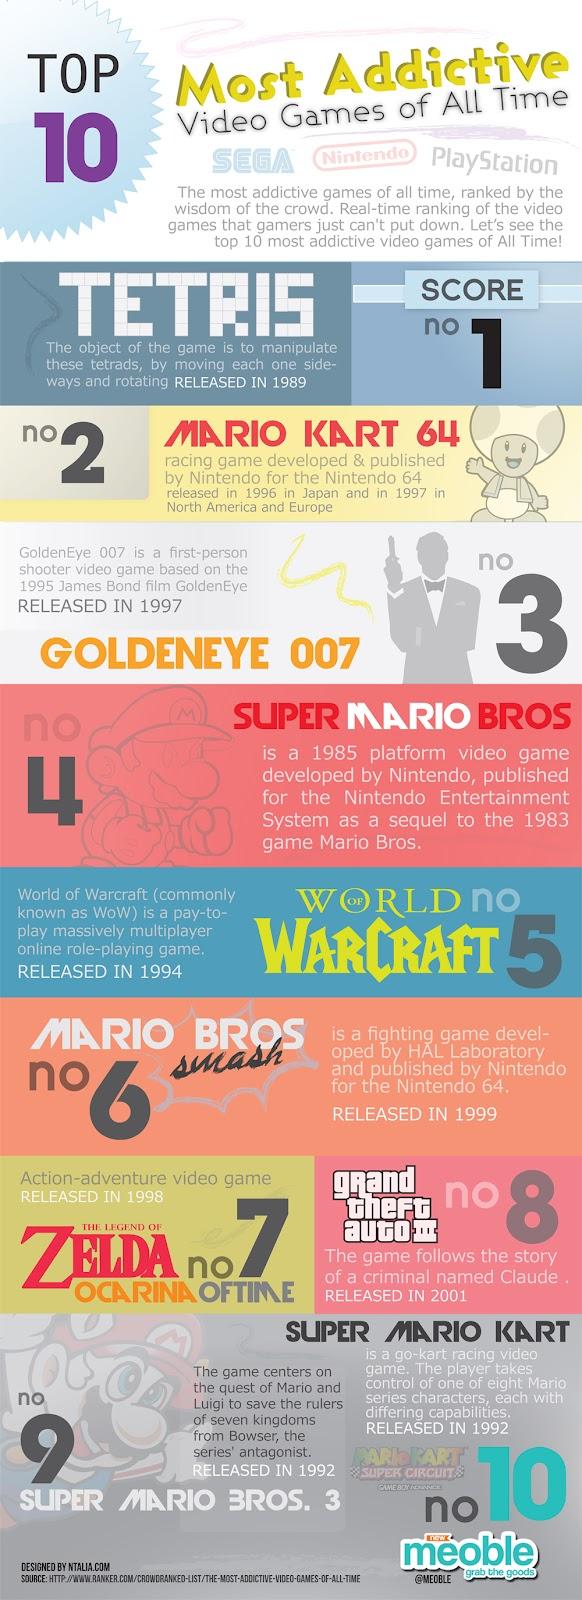 Los 10 video-juegos más adictivos de todos los tiempos